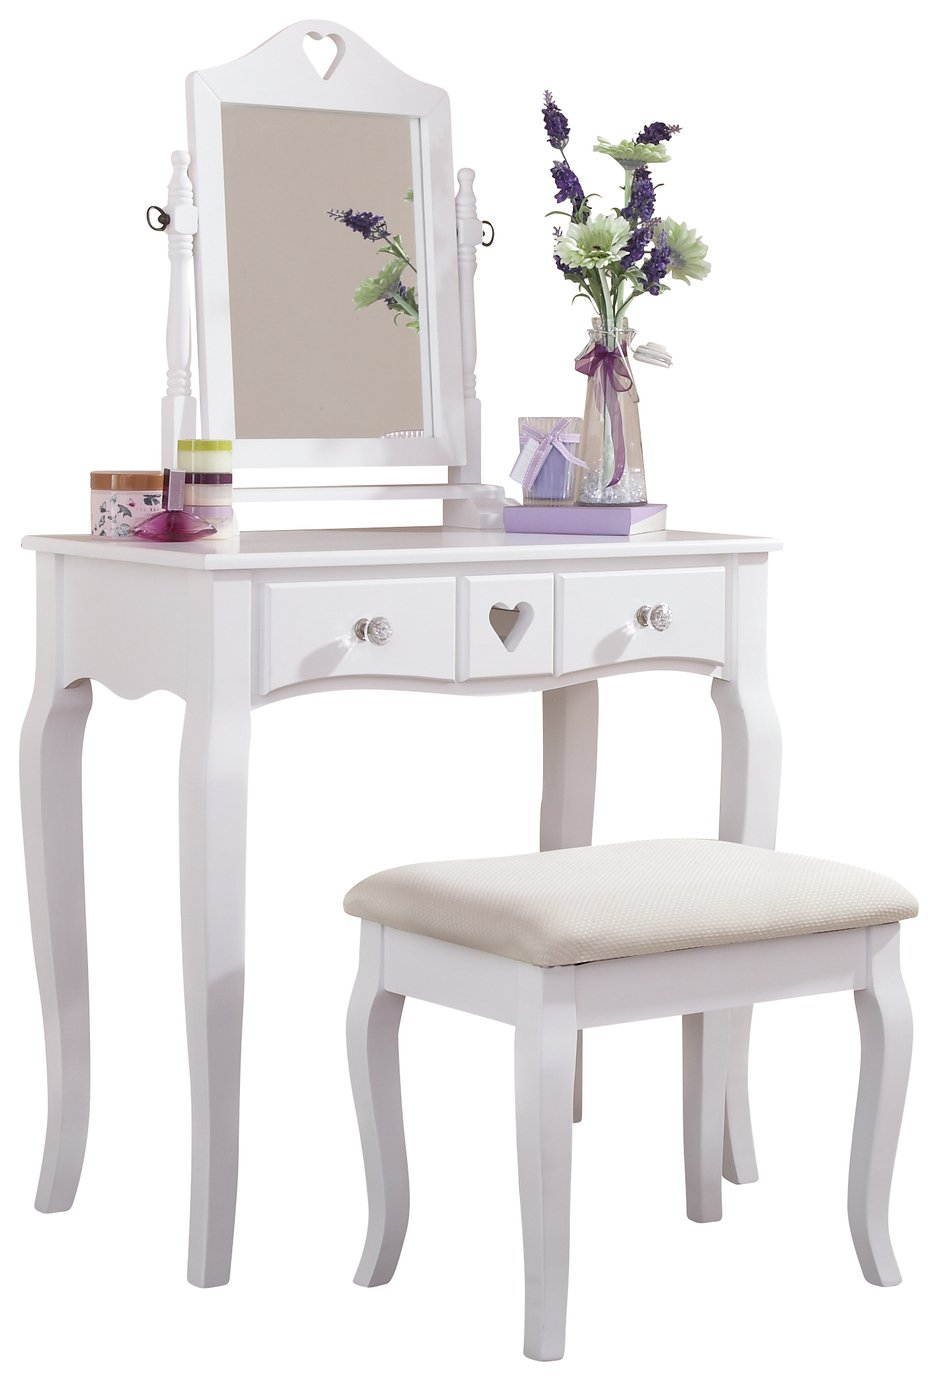 GFW Heart White Dresser & Stool